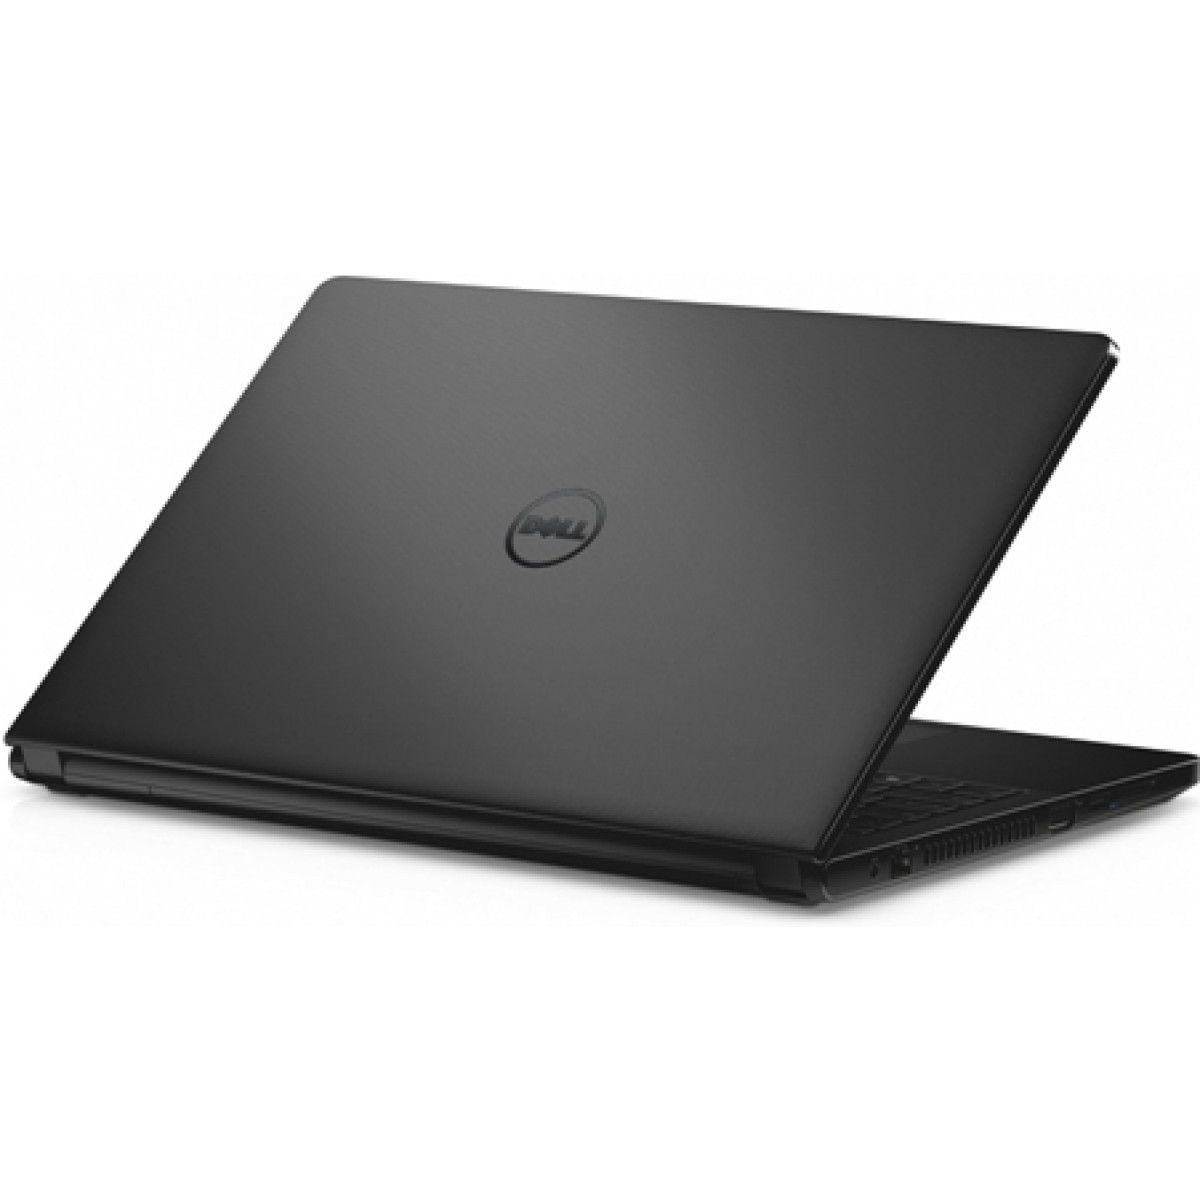 """Notebook Dell Intel Core I5-5200U, 8GB de Memória, HD de 1TB, Leitor de DVD, Tela LED de 15.6"""" Touchscreen Windows 10 - I3558-5501BLK *"""